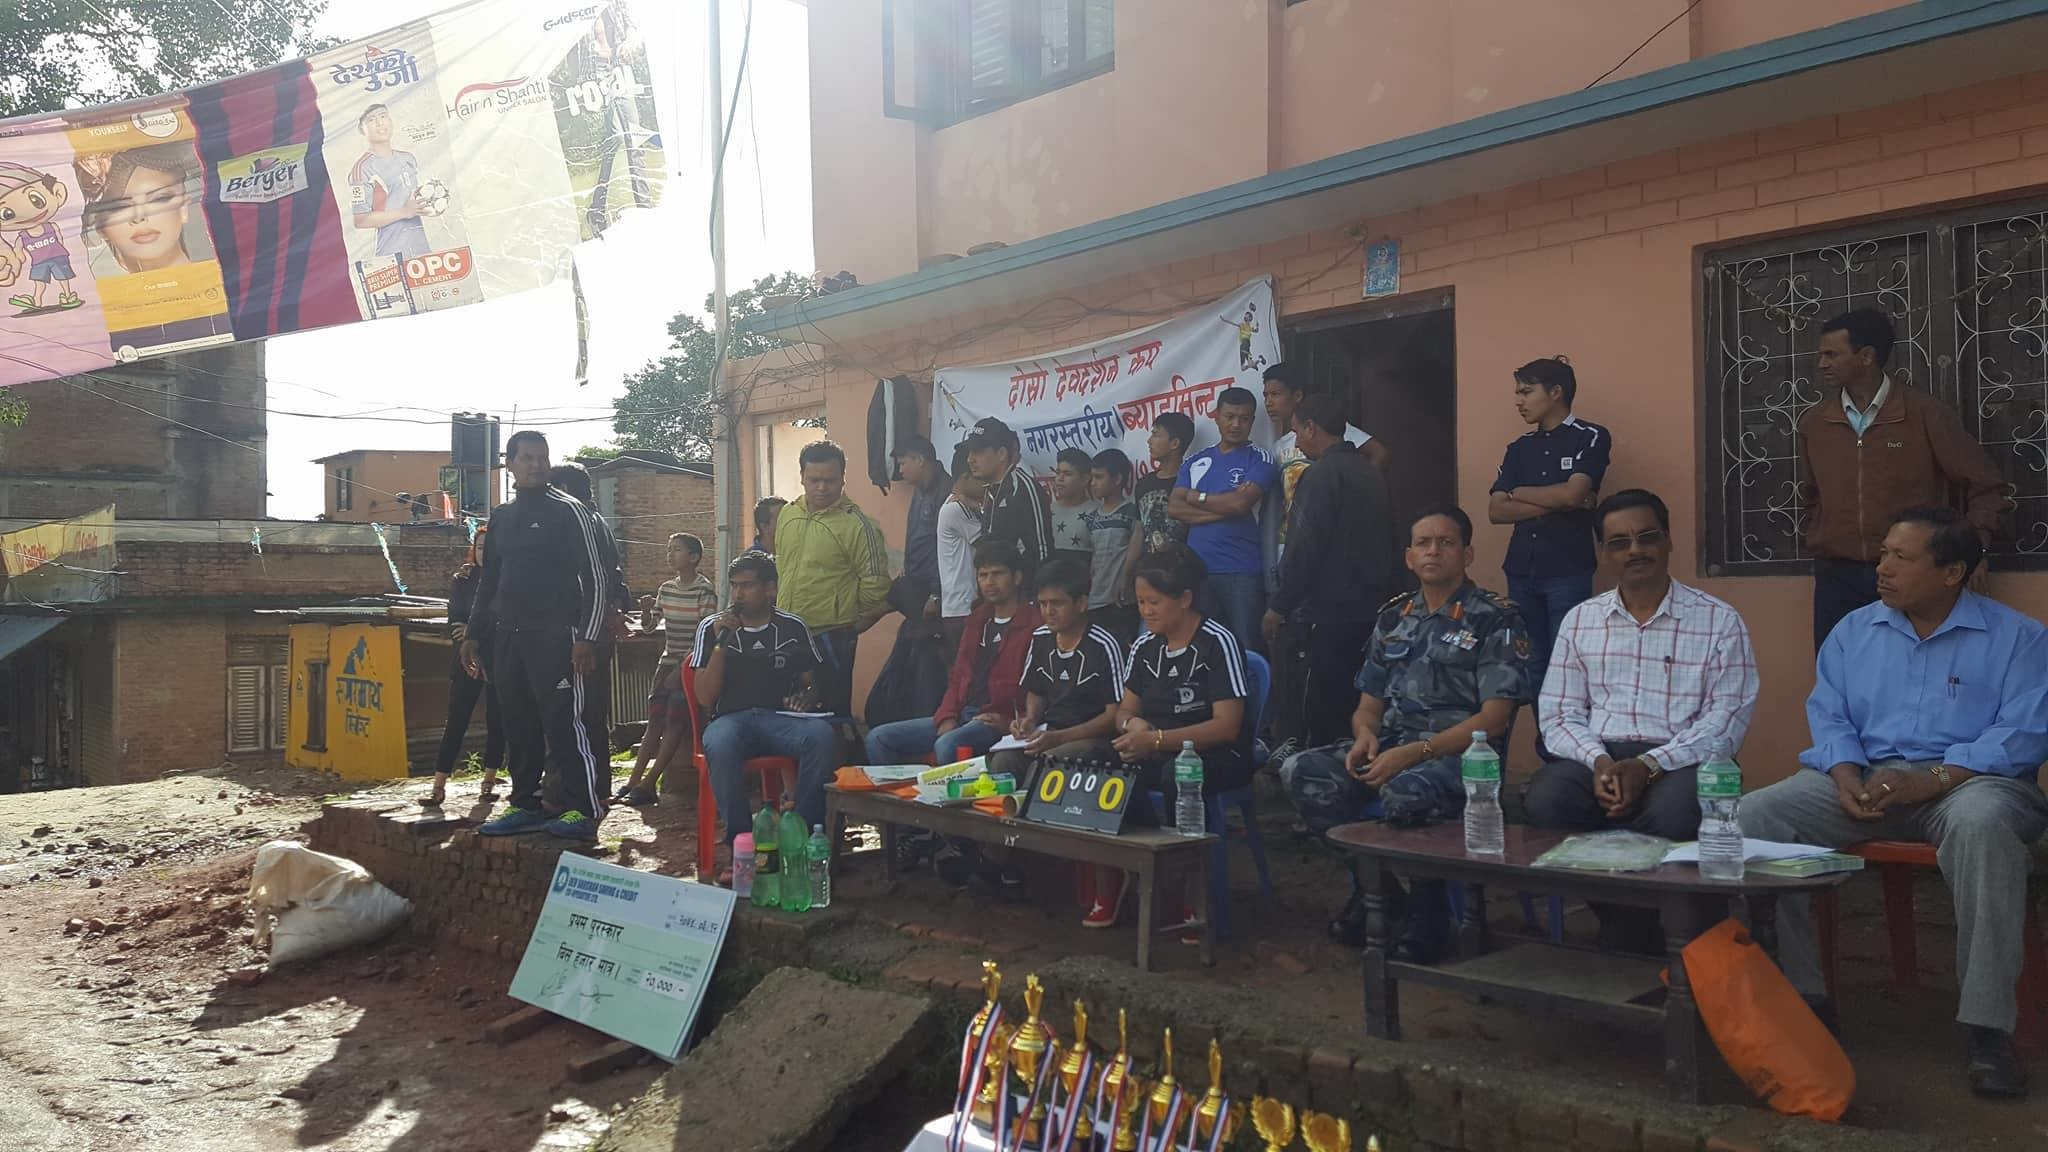 Chandragirinews 19490410_1715758035119255_470988519_o दोश्रो देवदर्शन कप ब्याडमिण्टनकको उपाधी पुष्ष खड्का र पवन अधिकारीको जोडीलार्इ, राजन पोखरेल उत्कृष्ठ खेलाडी खेलकुद नगरपालिका बैक / सहकारी संस्था ब्रेकिंग न्युज मुख्य वडा    chandragiri